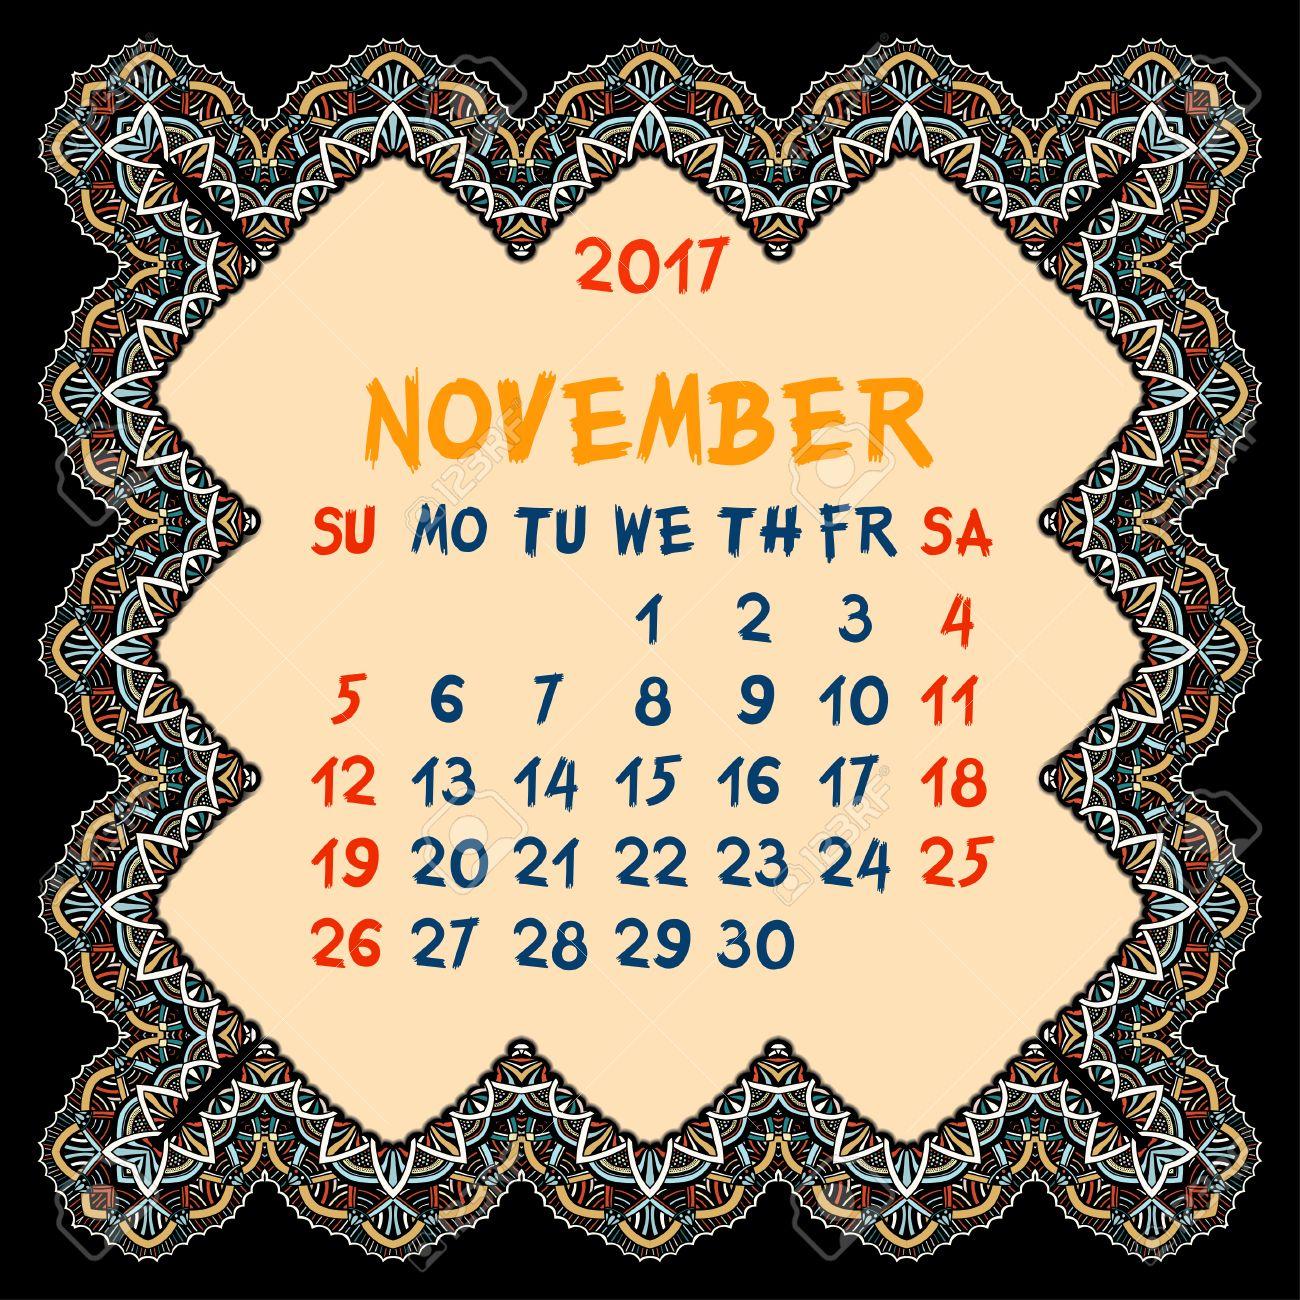 Kalender Für 2017 Jahr. November, Vektor-Design-Druck-Schablone Mit ...